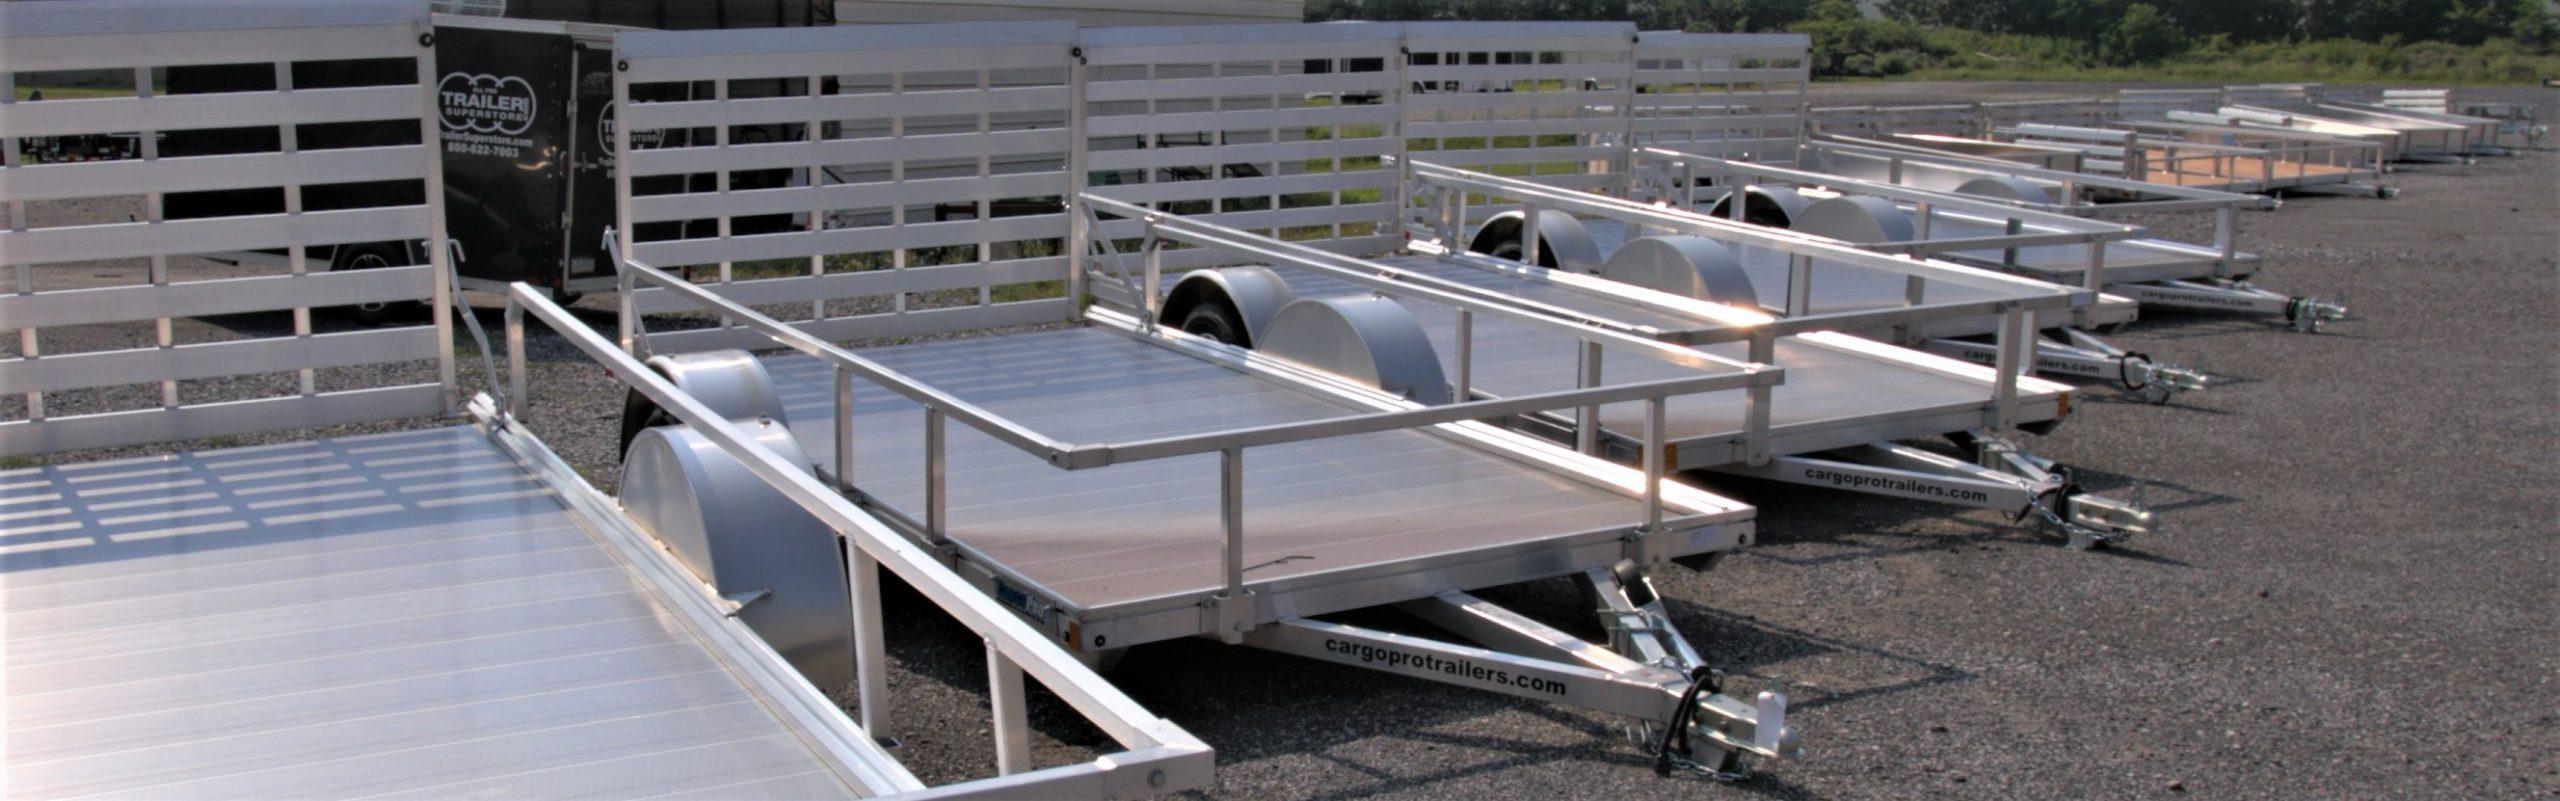 line of aluminum trailers